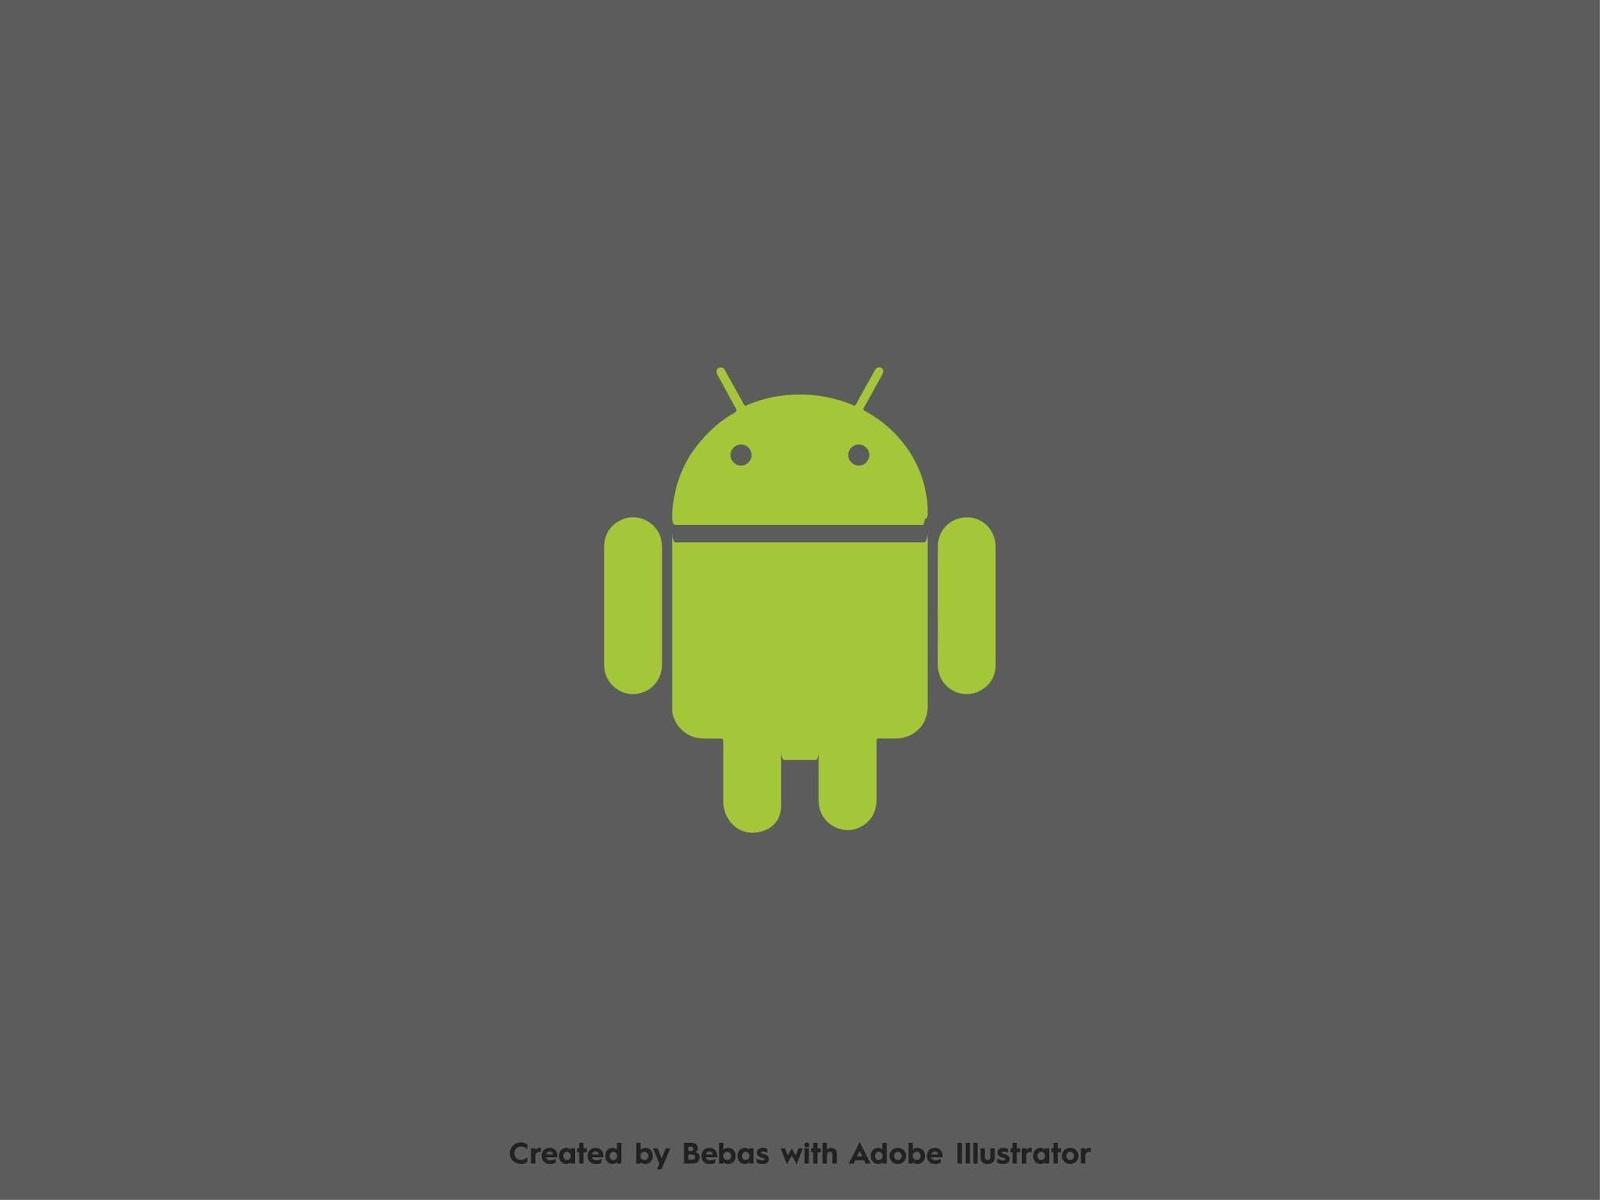 Fitur Android Tersembunyi Yang Perlu Digunakan